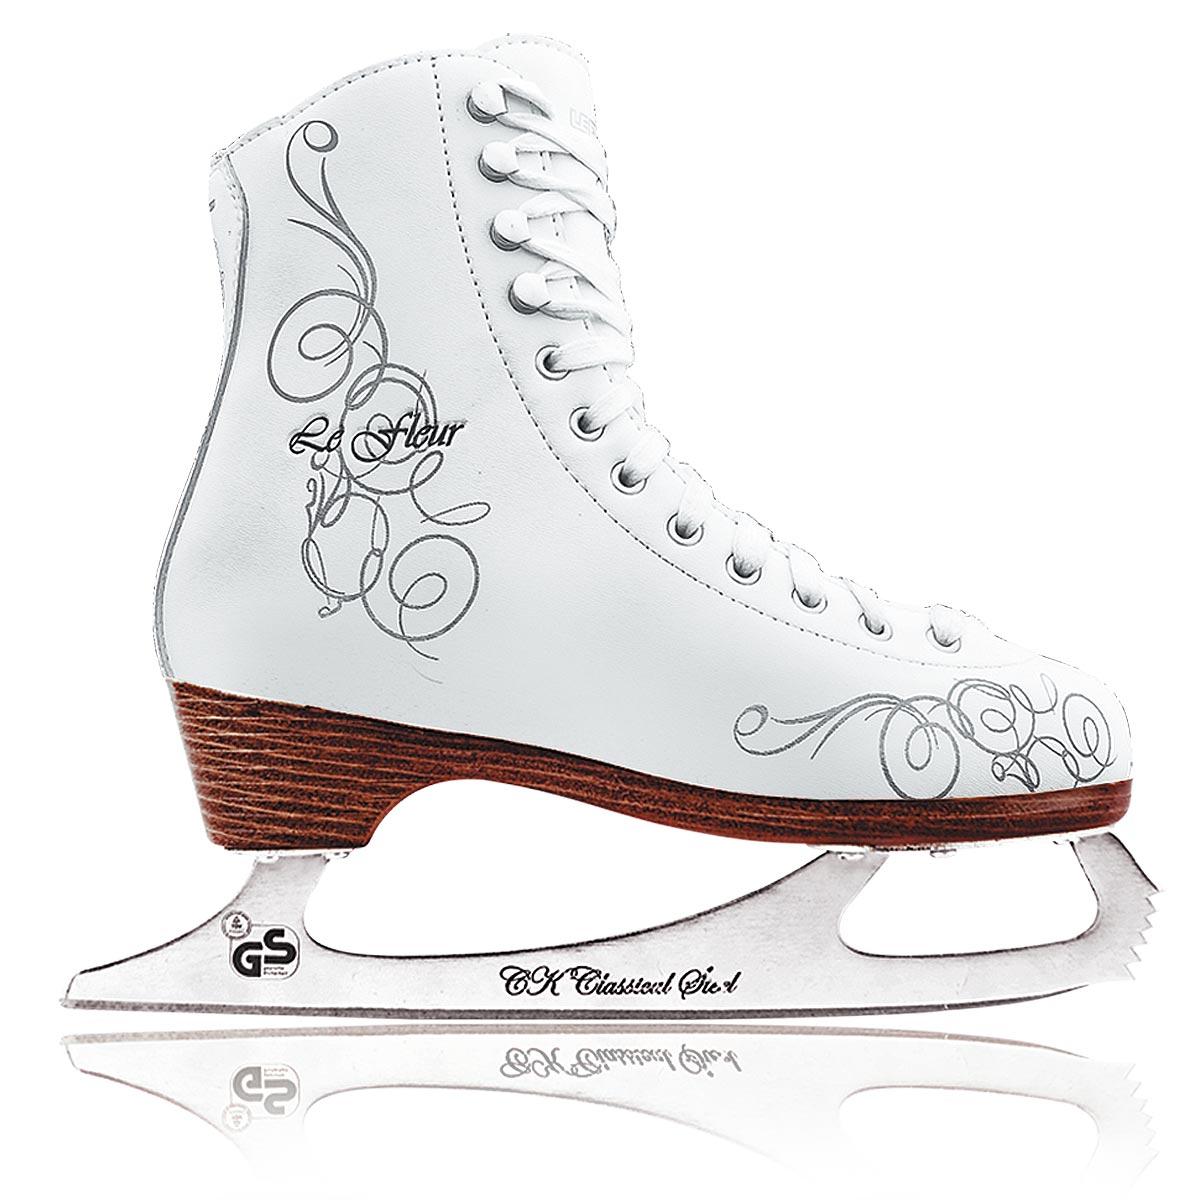 Коньки фигурные для девочки СК Le Fleur Fur, цвет: белый, серебряный. Размер 32